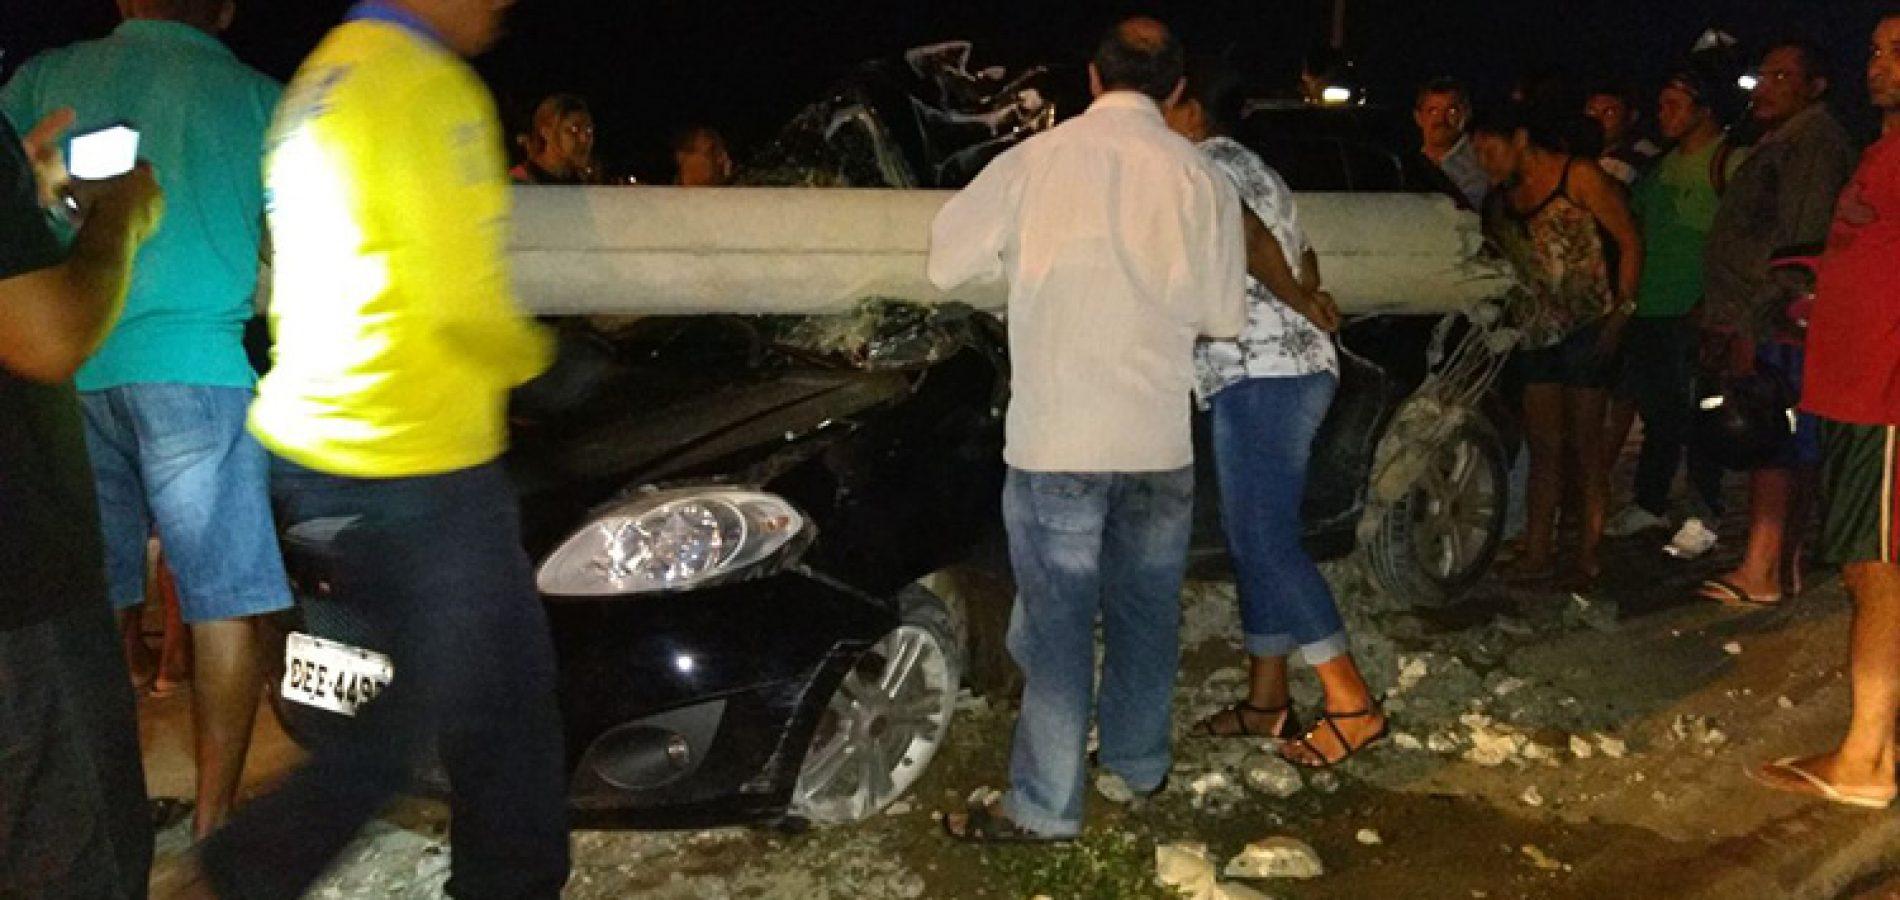 Jovem colide em poste e morre após sair do velório da avó no Piauí